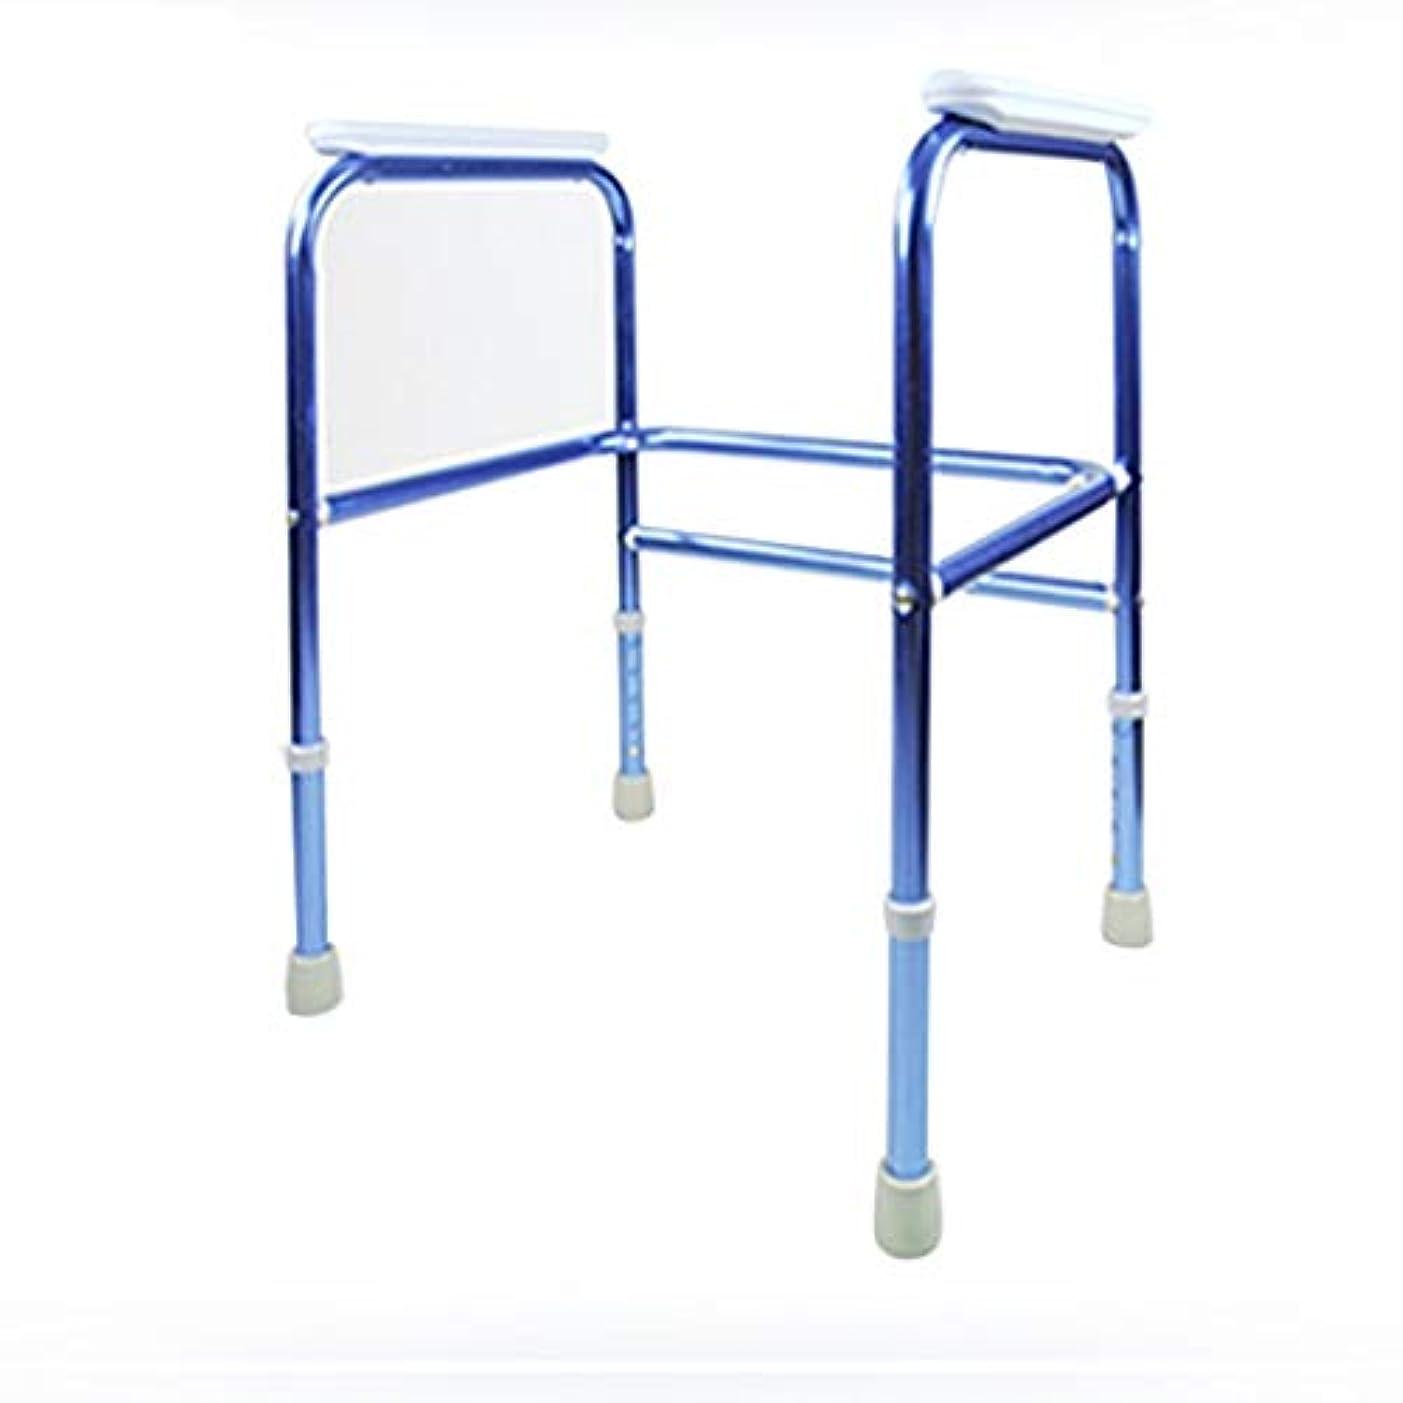 調子平手打ちヒント調節可能なスチールトイレサラウンドフレーム、トイレの安全フレーム、高齢者および身体障害者に最適